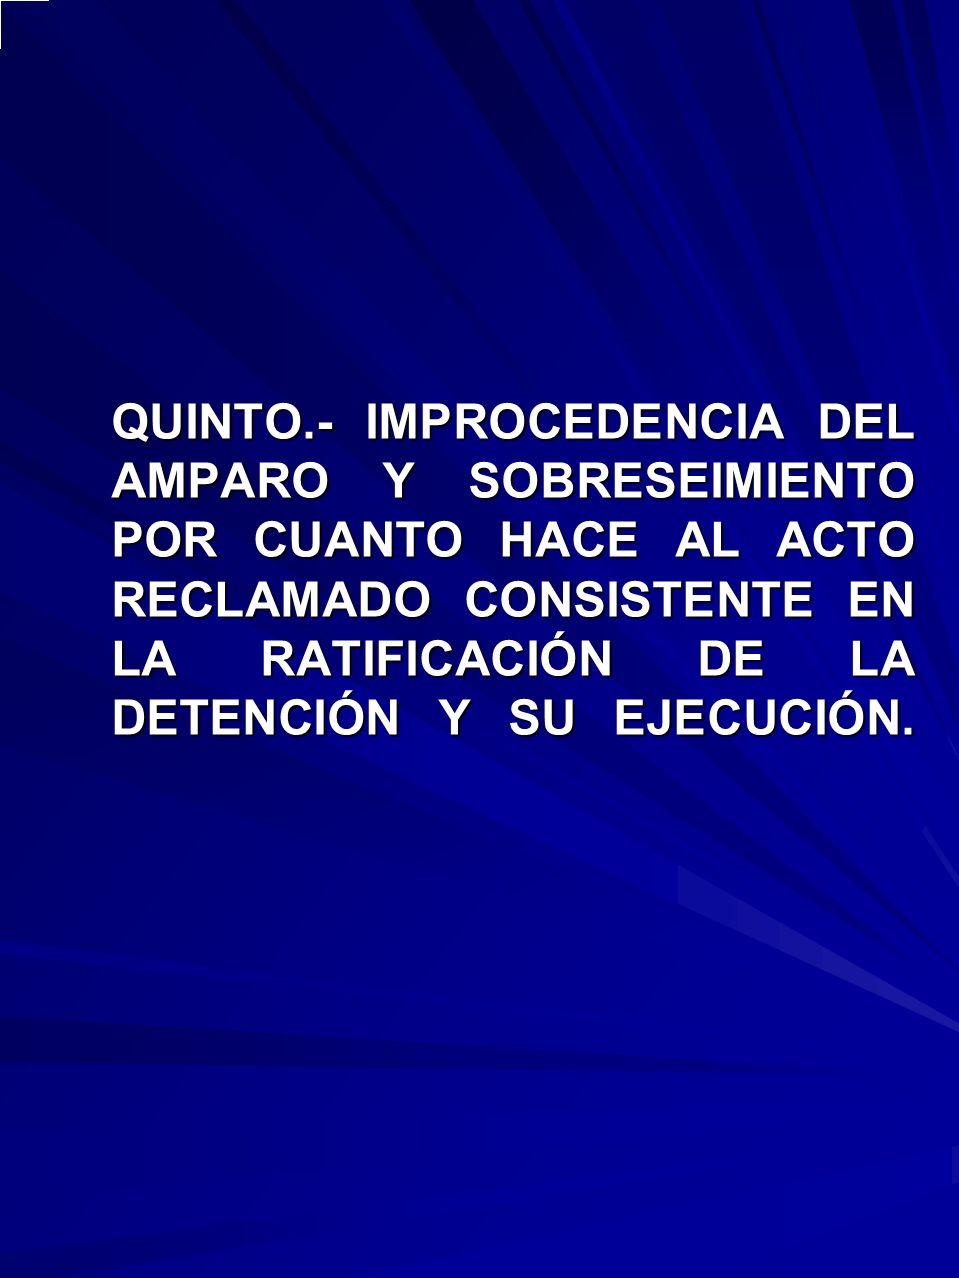 QUINTO.- IMPROCEDENCIA DEL AMPARO Y SOBRESEIMIENTO POR CUANTO HACE AL ACTO RECLAMADO CONSISTENTE EN LA RATIFICACIÓN DE LA DETENCIÓN Y SU EJECUCIÓN.